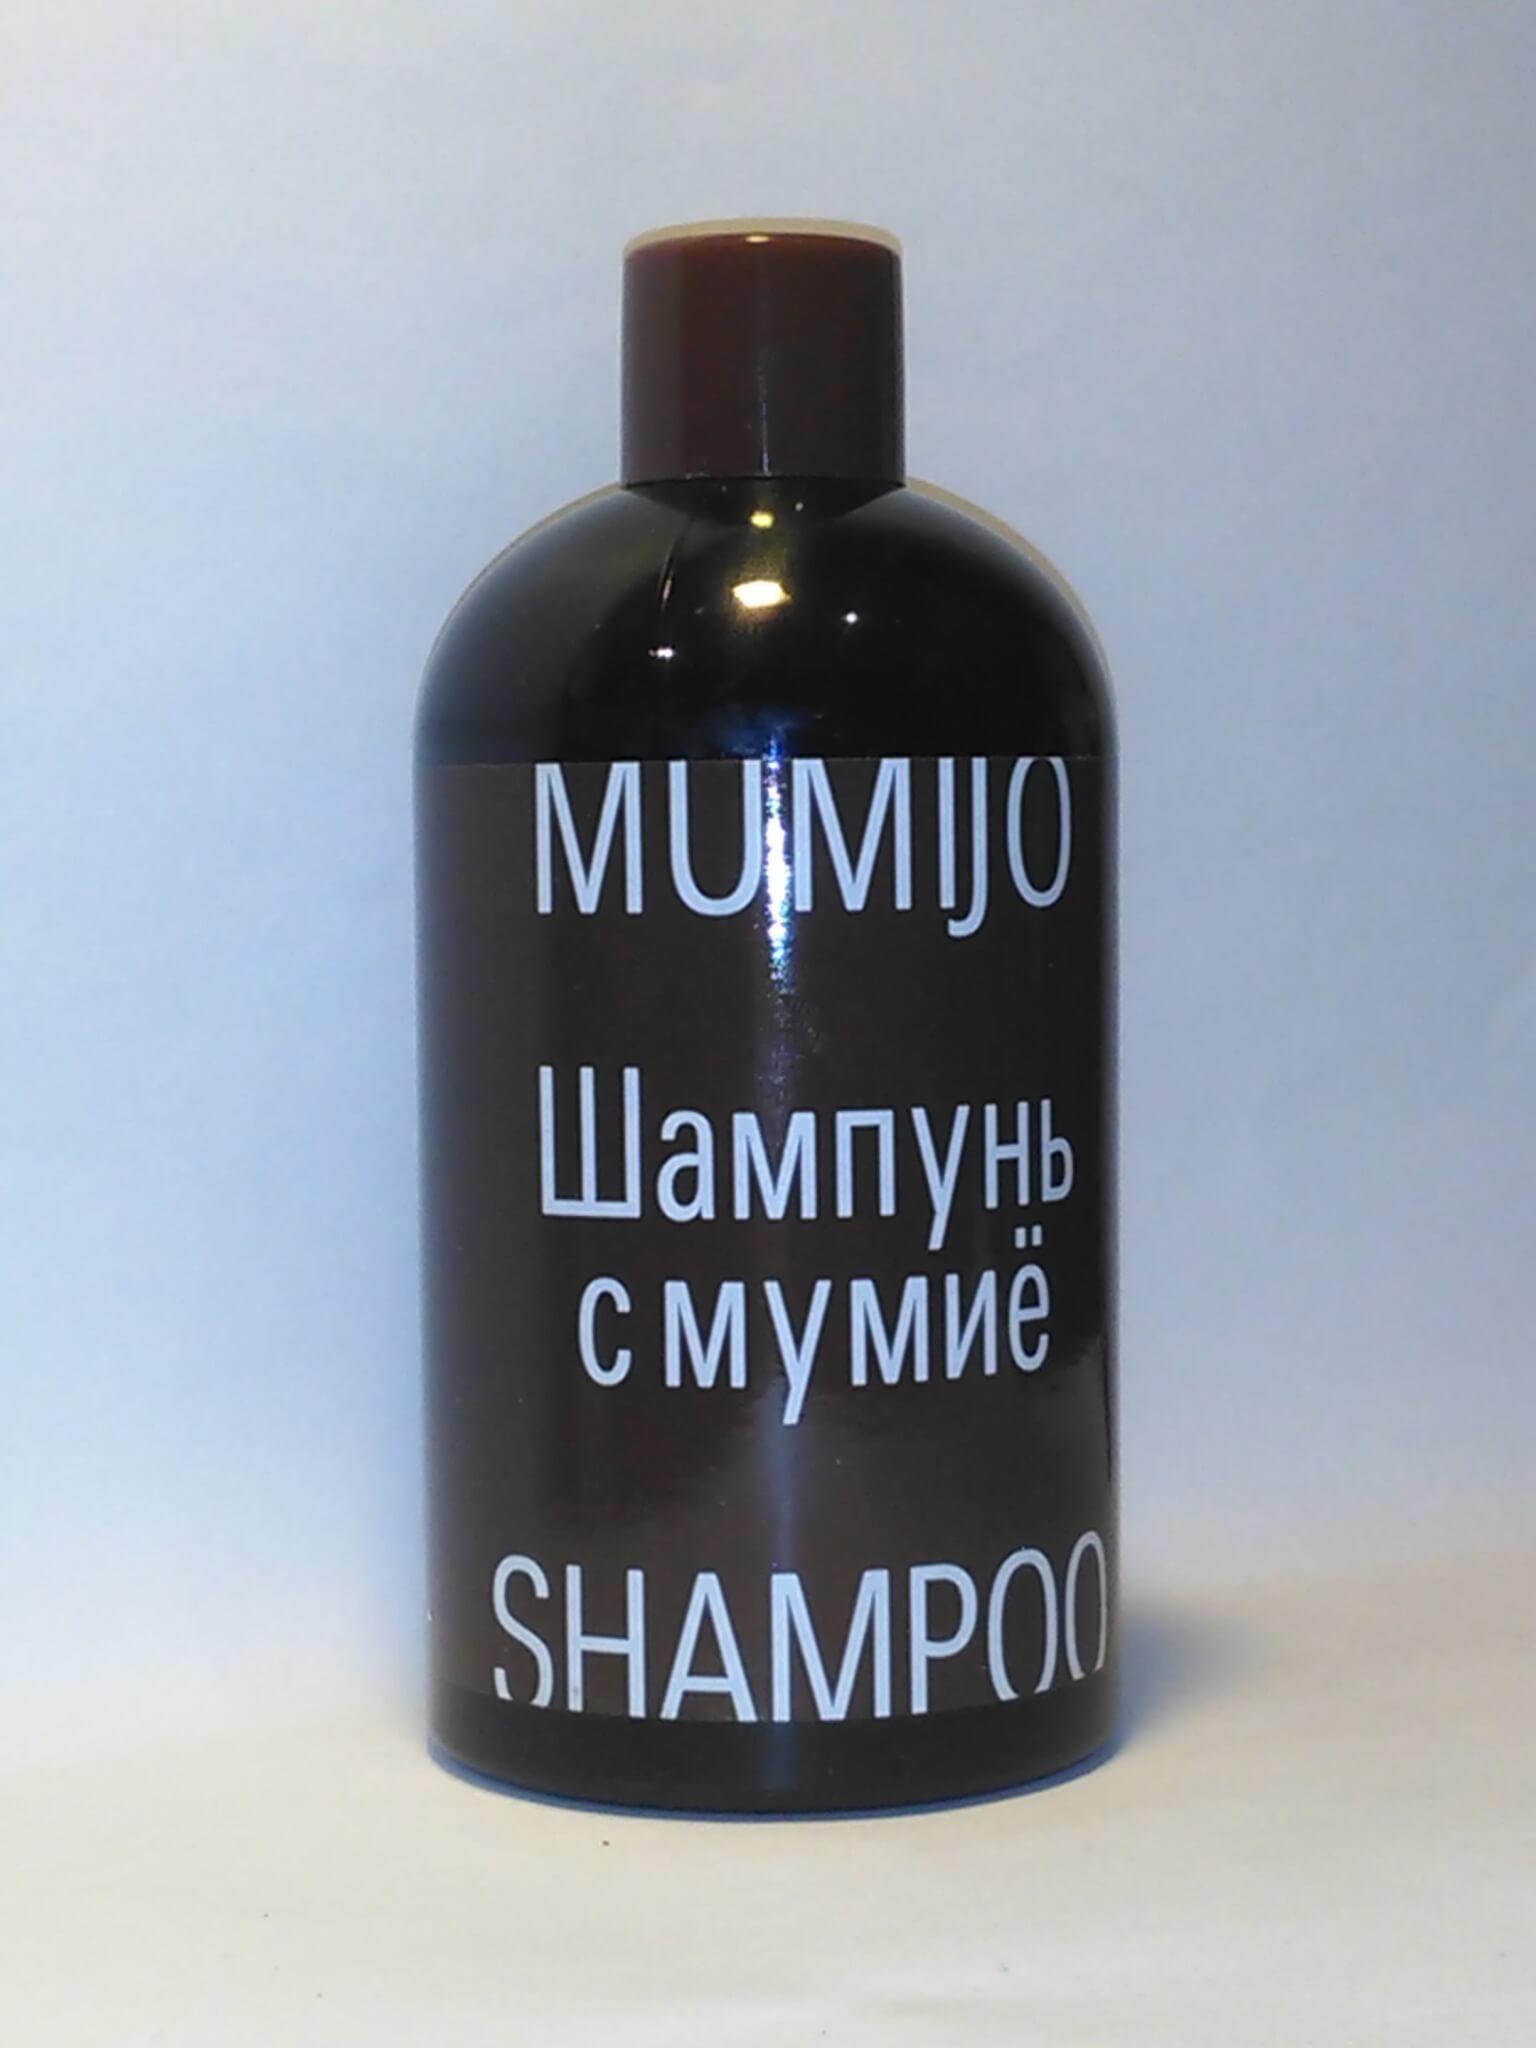 шампунь с мумие и пантенолом для увлажения волос, укрепления кожи головы, против выпадения волос в уходе за волосами